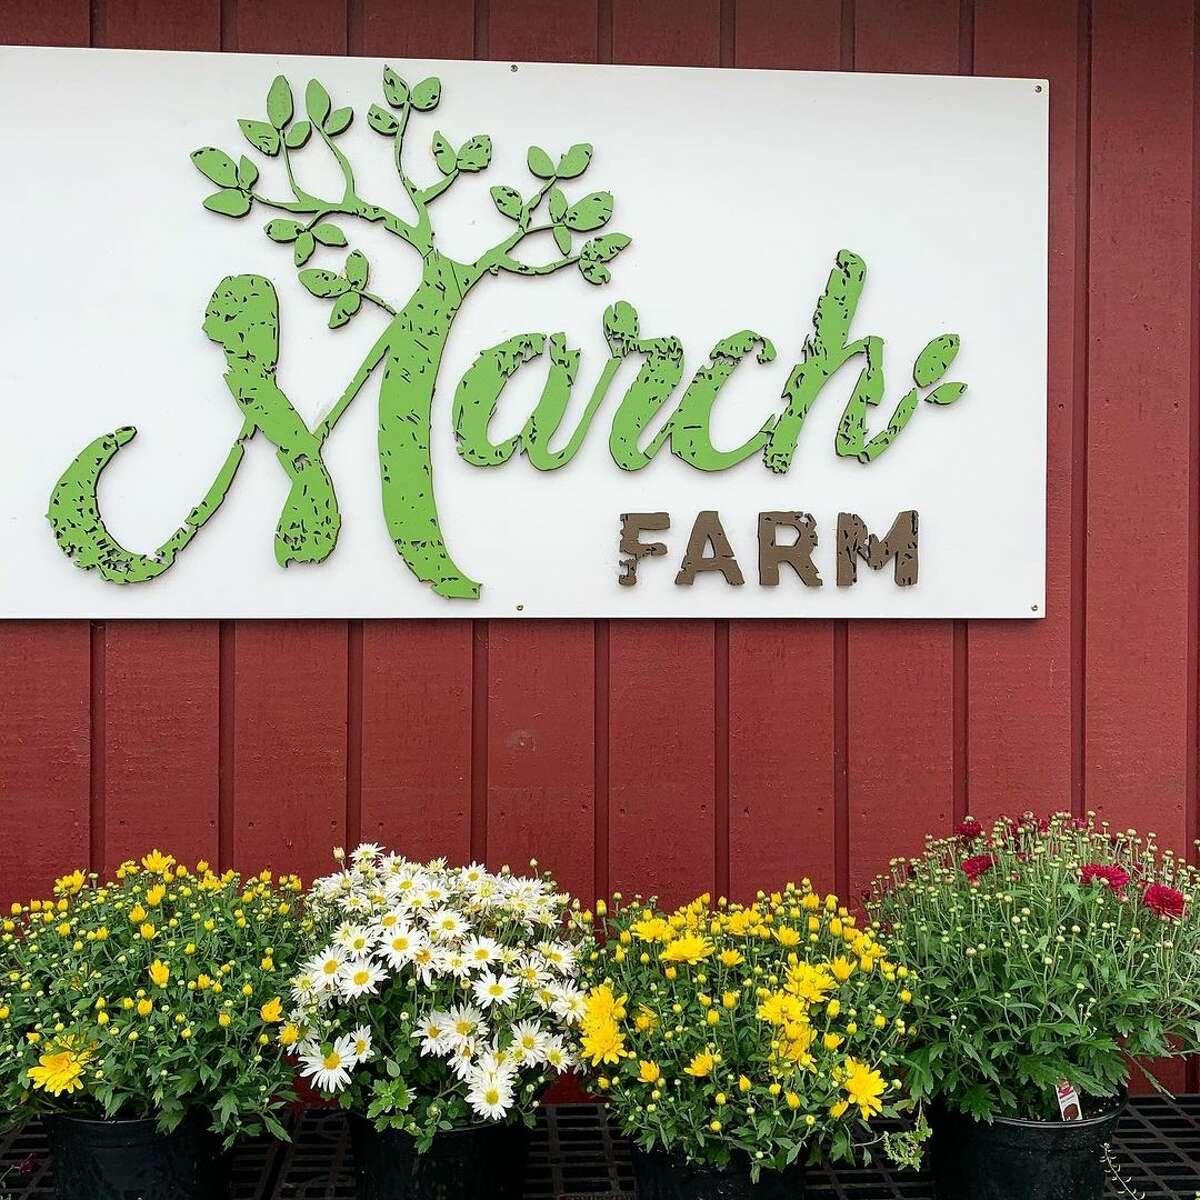 March Farm in Bethlehem, Connecticut.